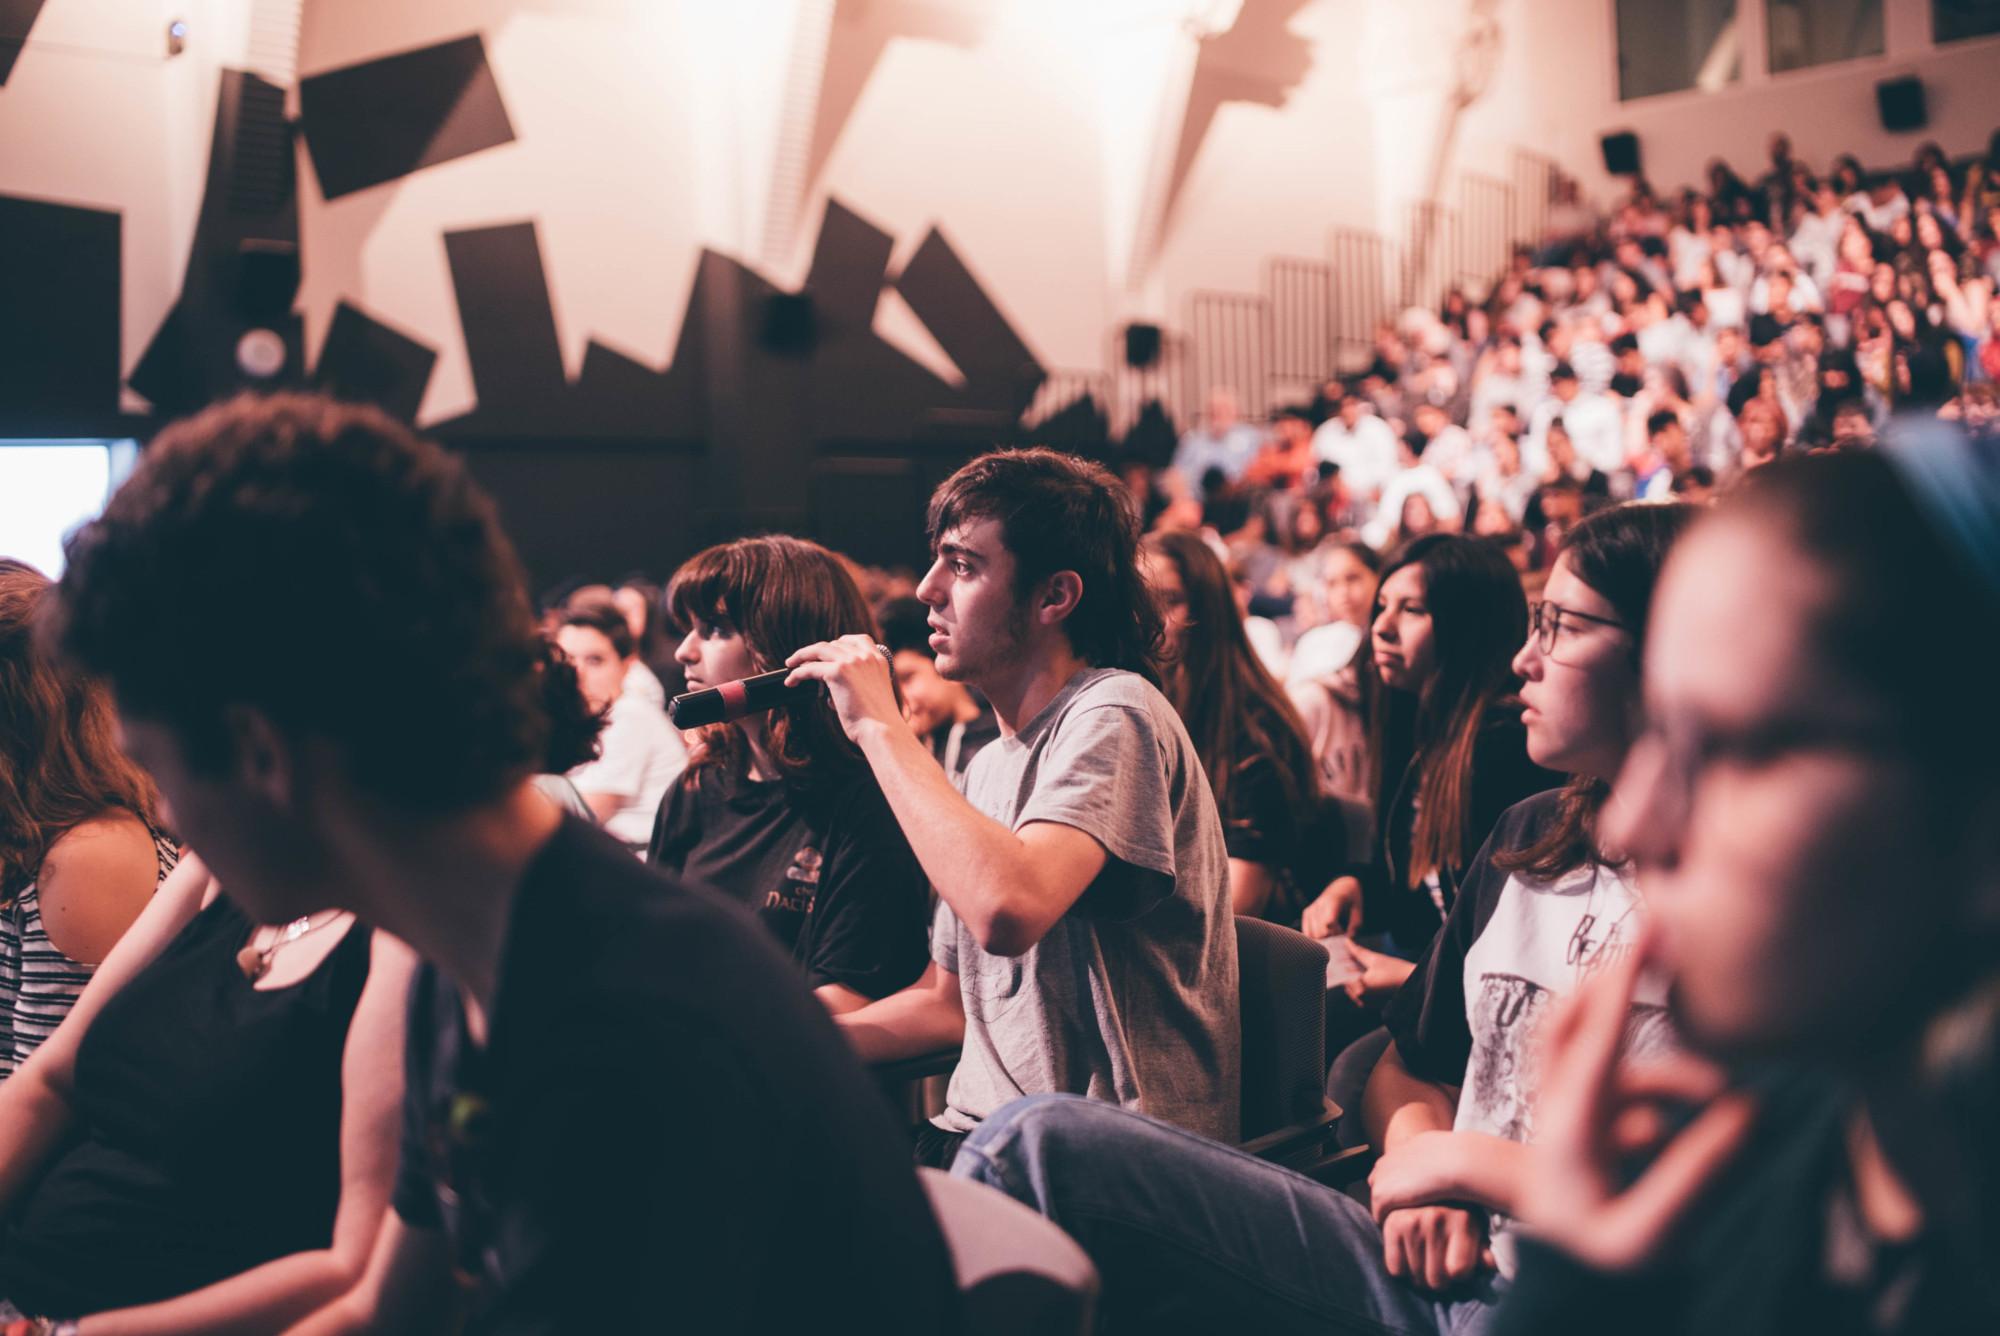 Público adolescente en una sala de cine haciendo preguntas a los directores